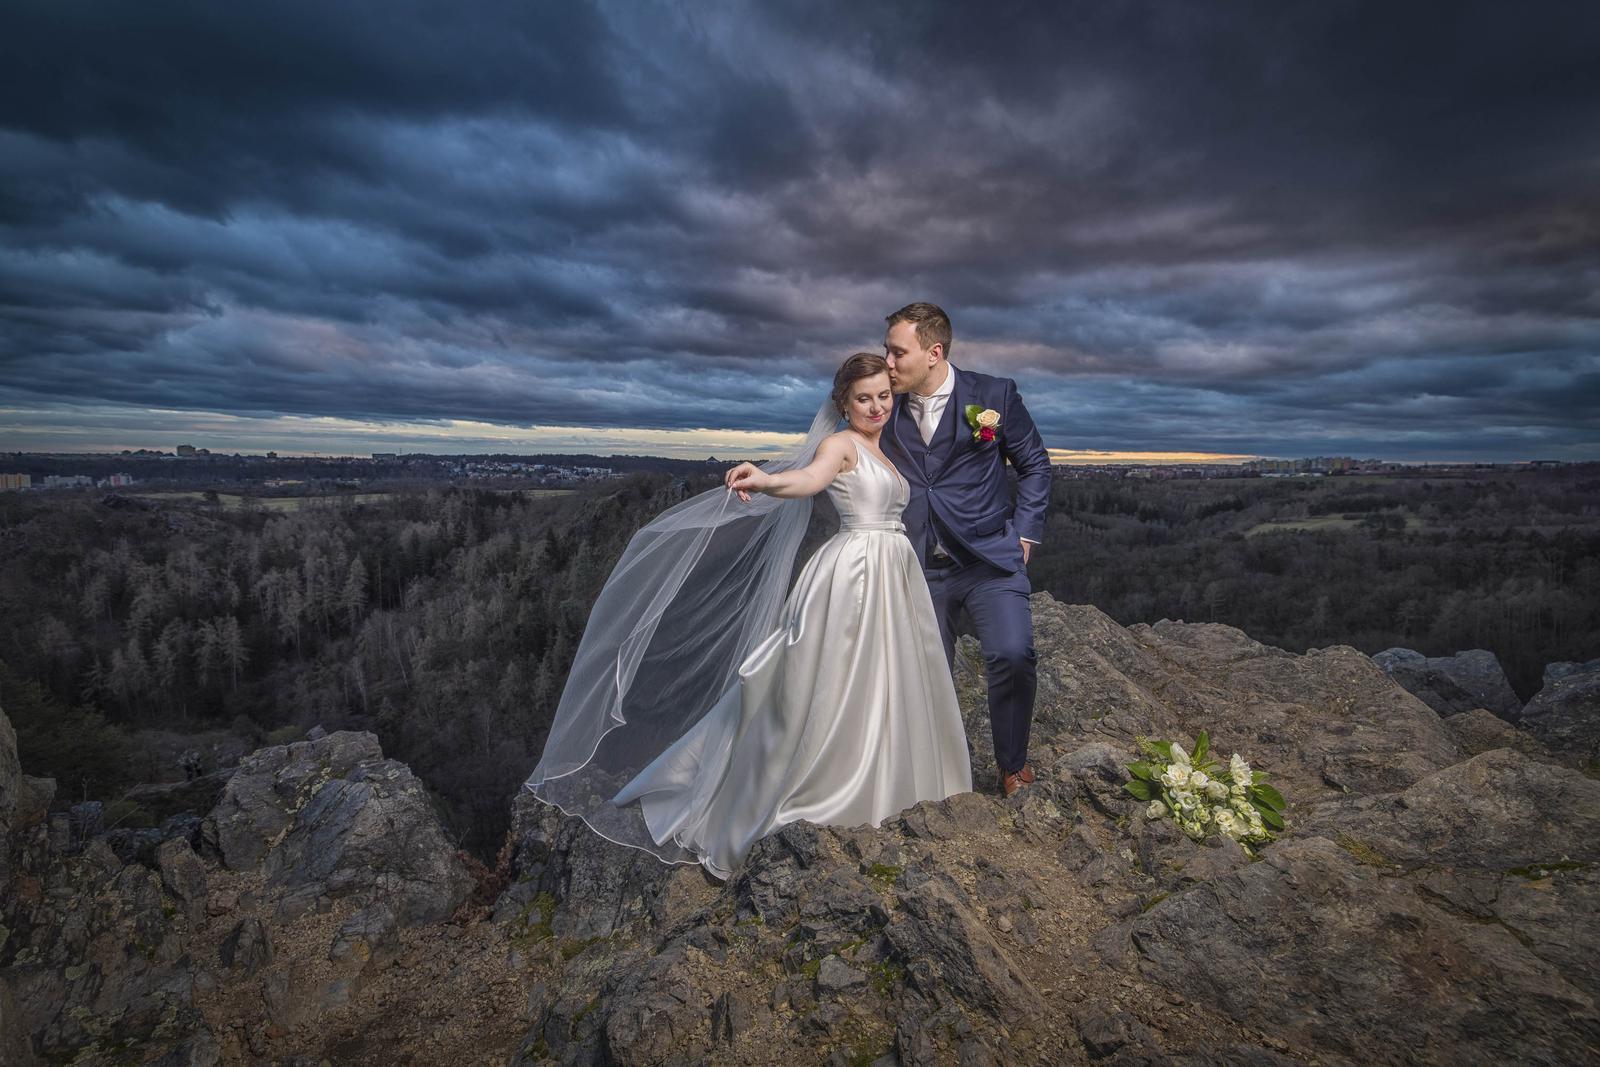 weddingsphoto_cz - Obrázek č. 2